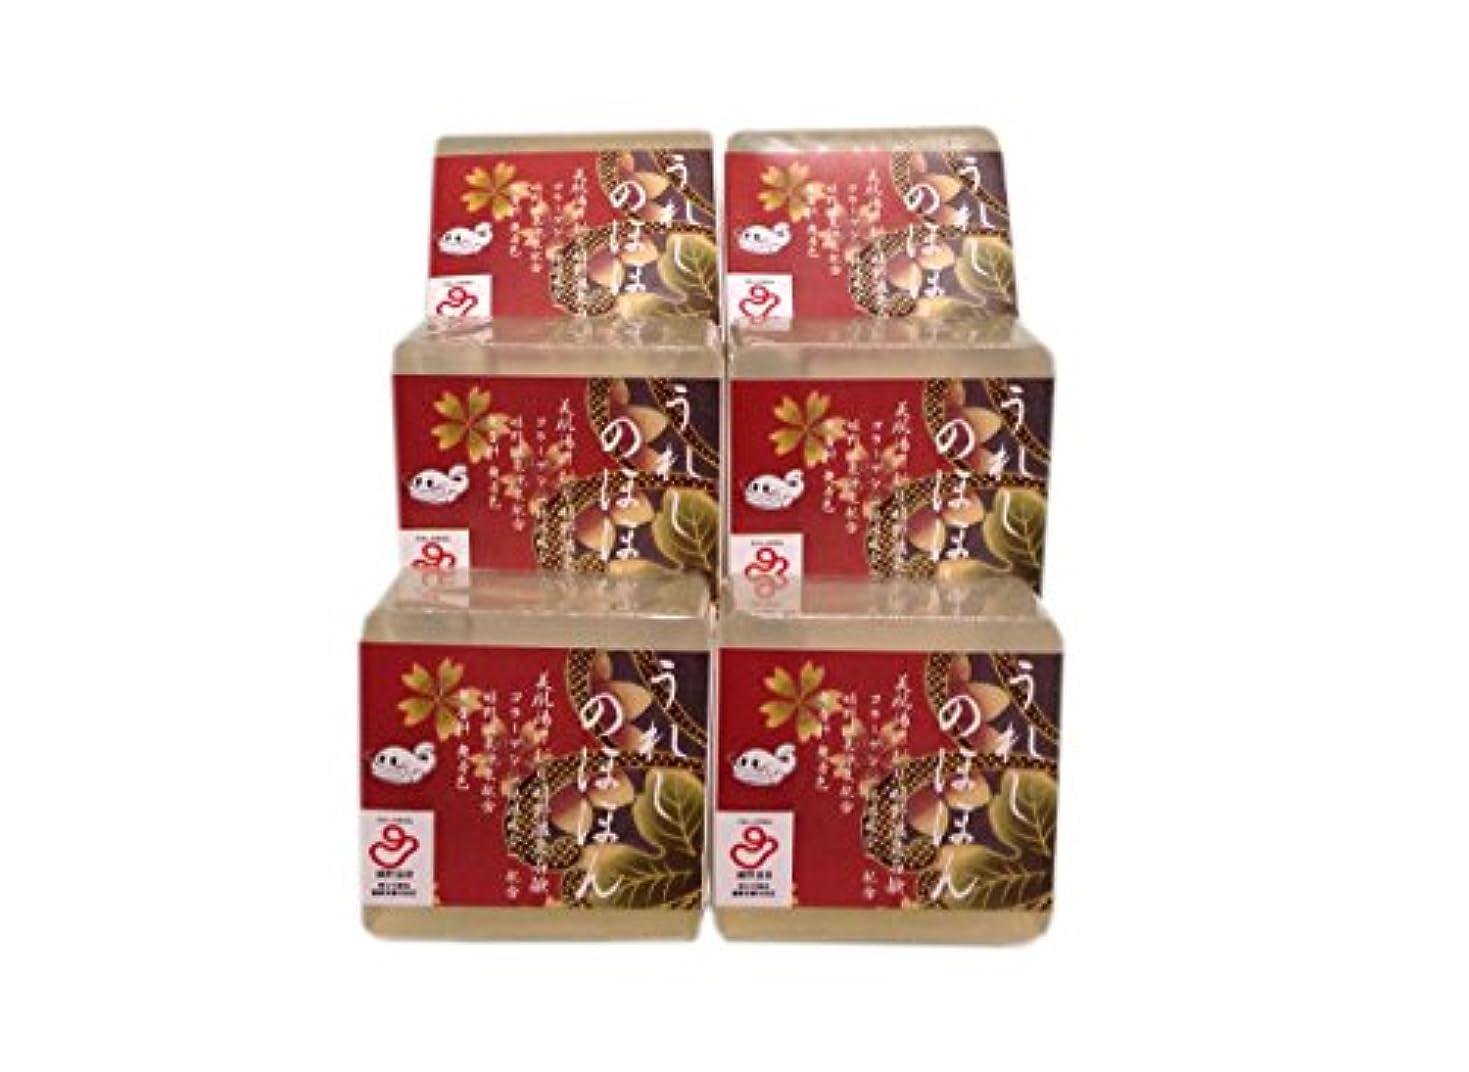 嬉野温泉(spa-ureshino) うれしのほほん 石鹸セット 6個セット